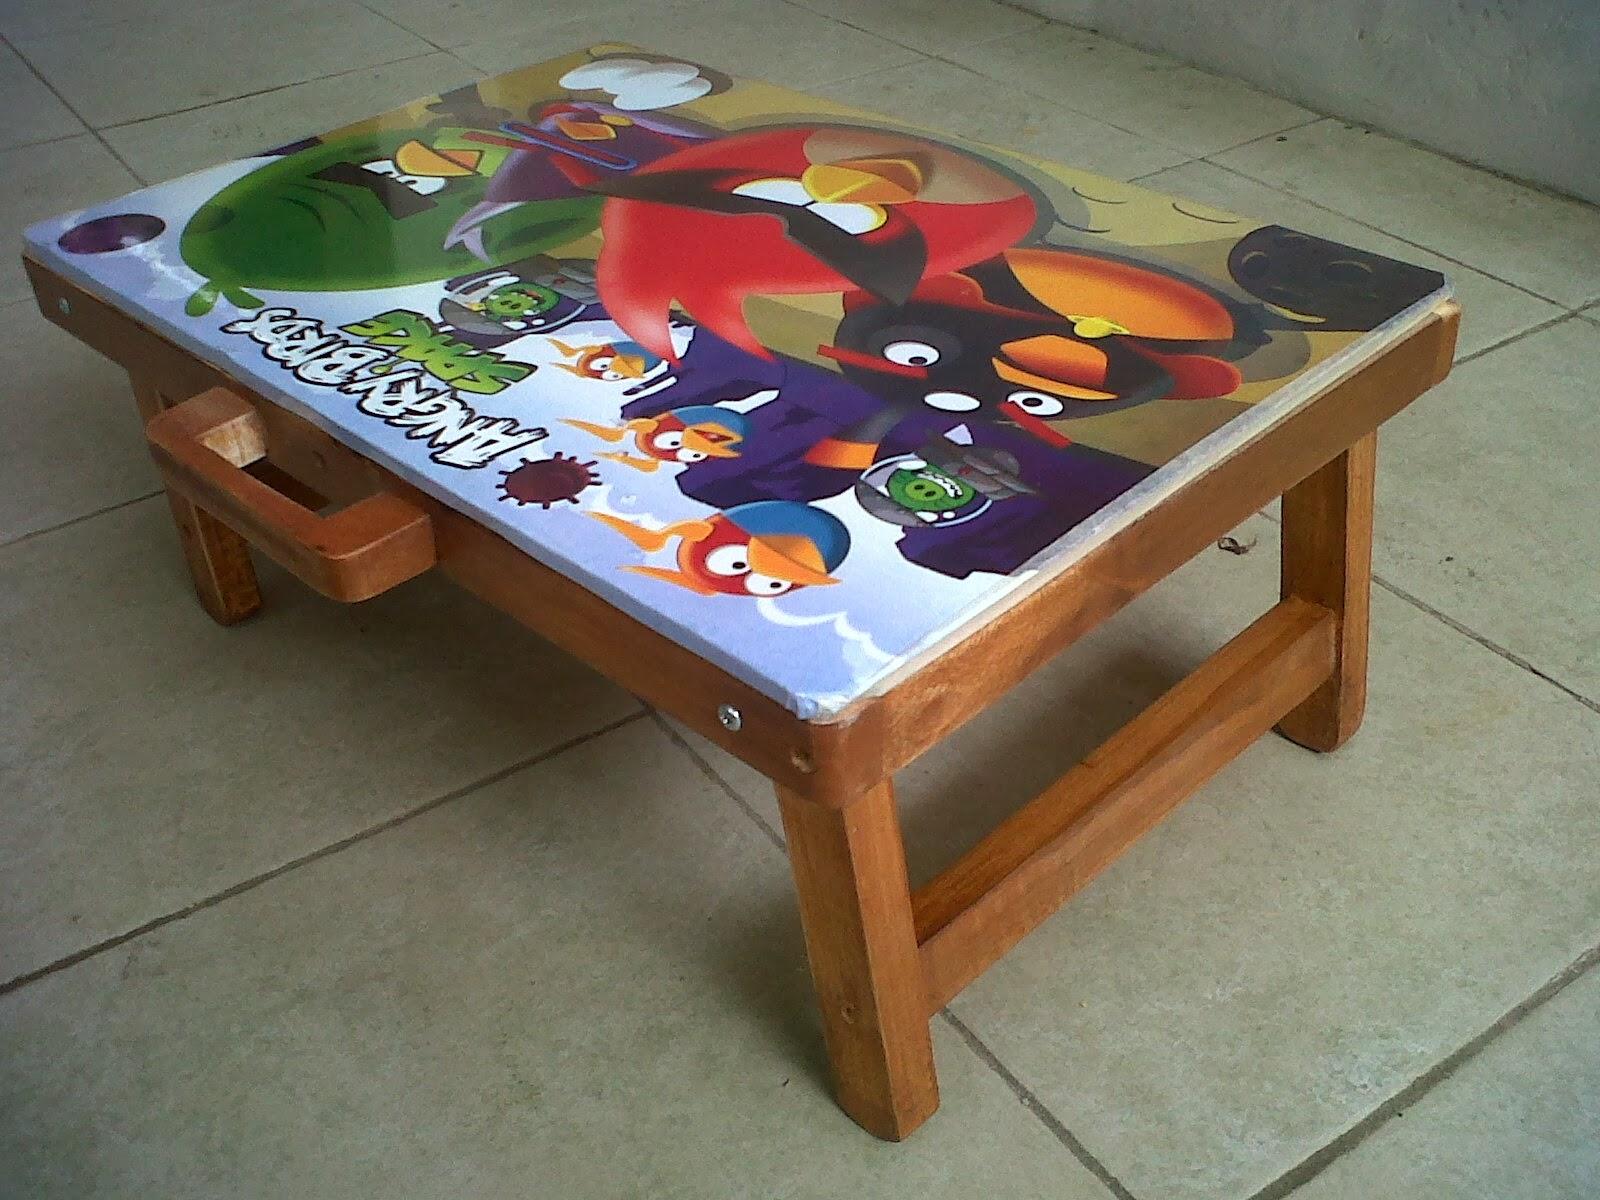 5400 Koleksi Gambar Meja Anak Sekolah Gratis